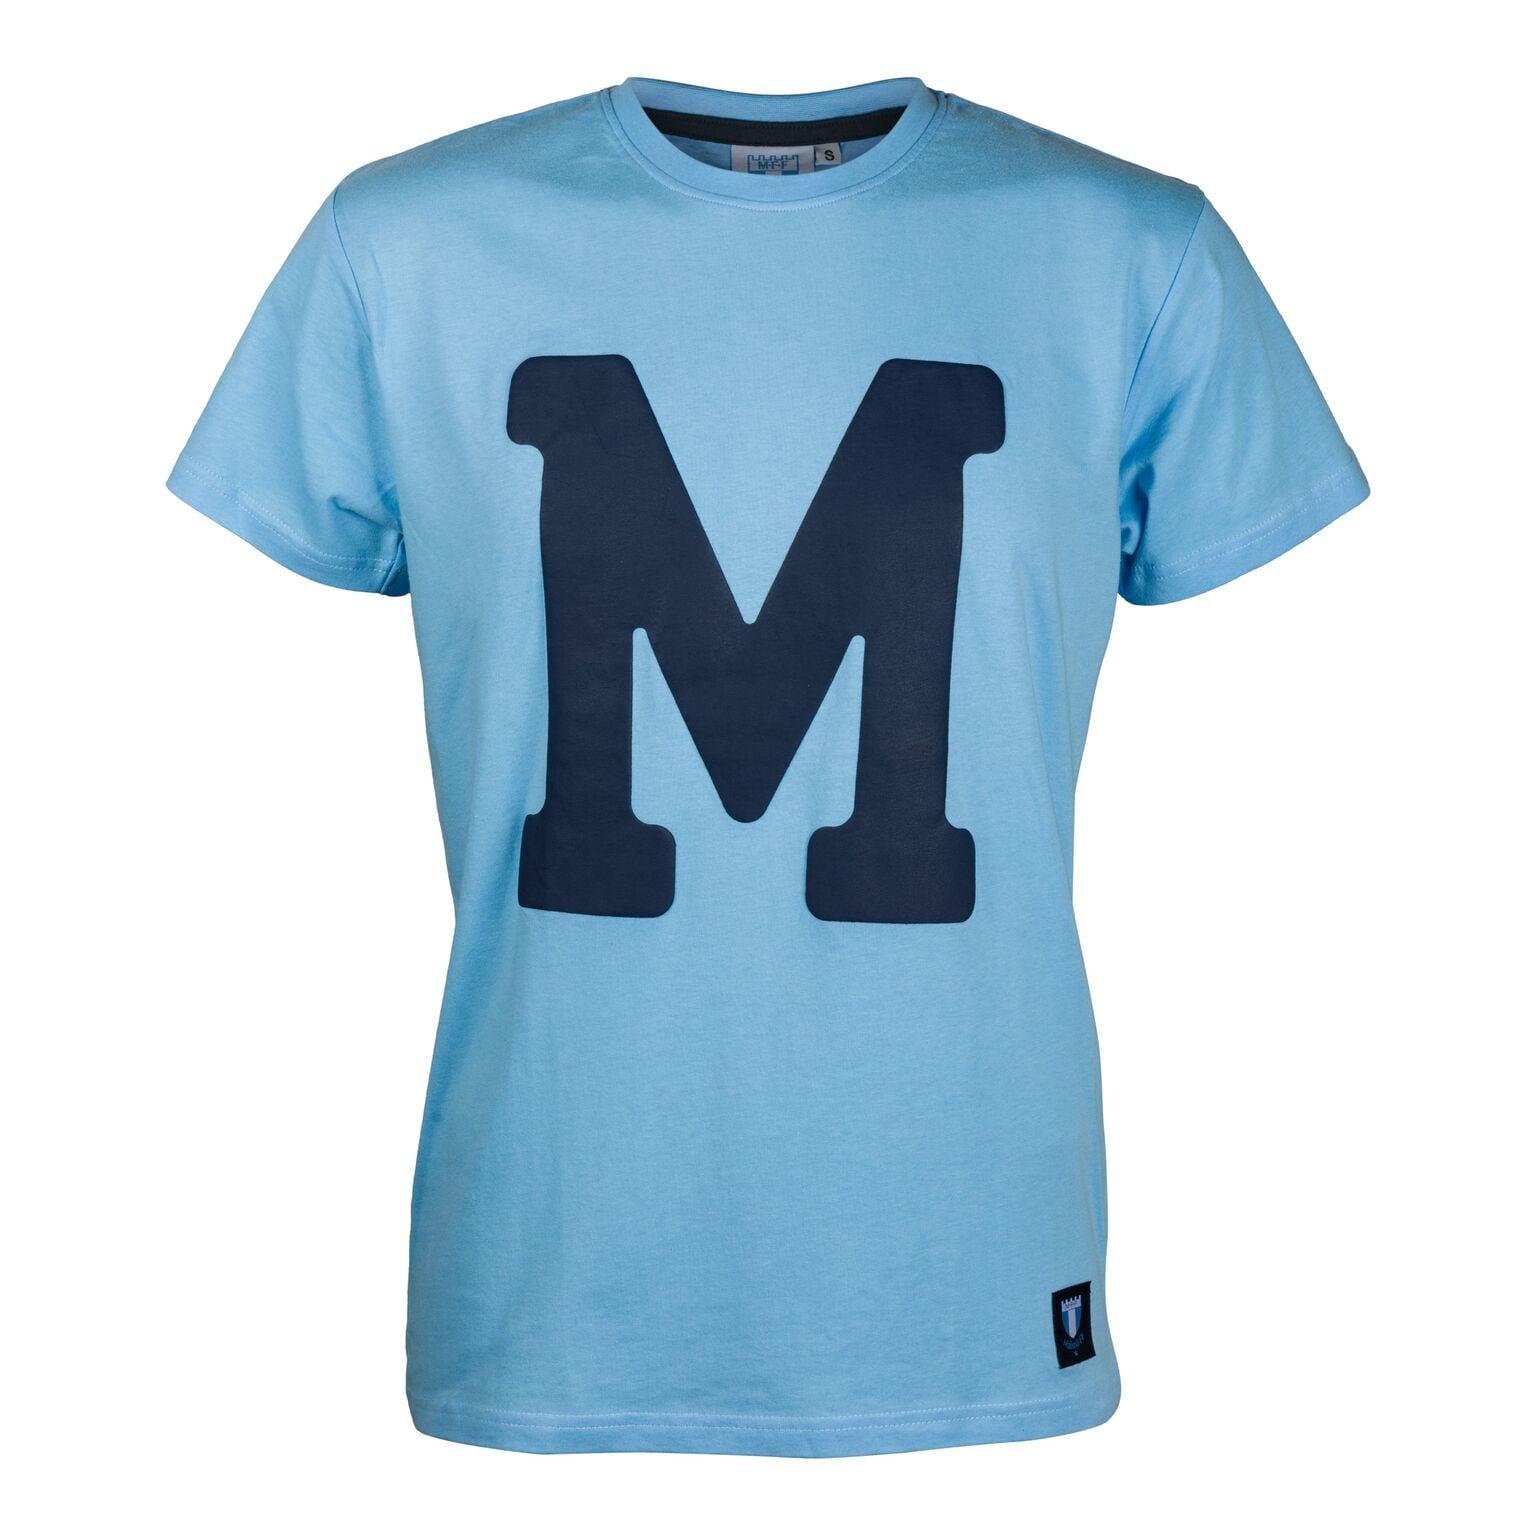 T-shirt ljusblå M:et